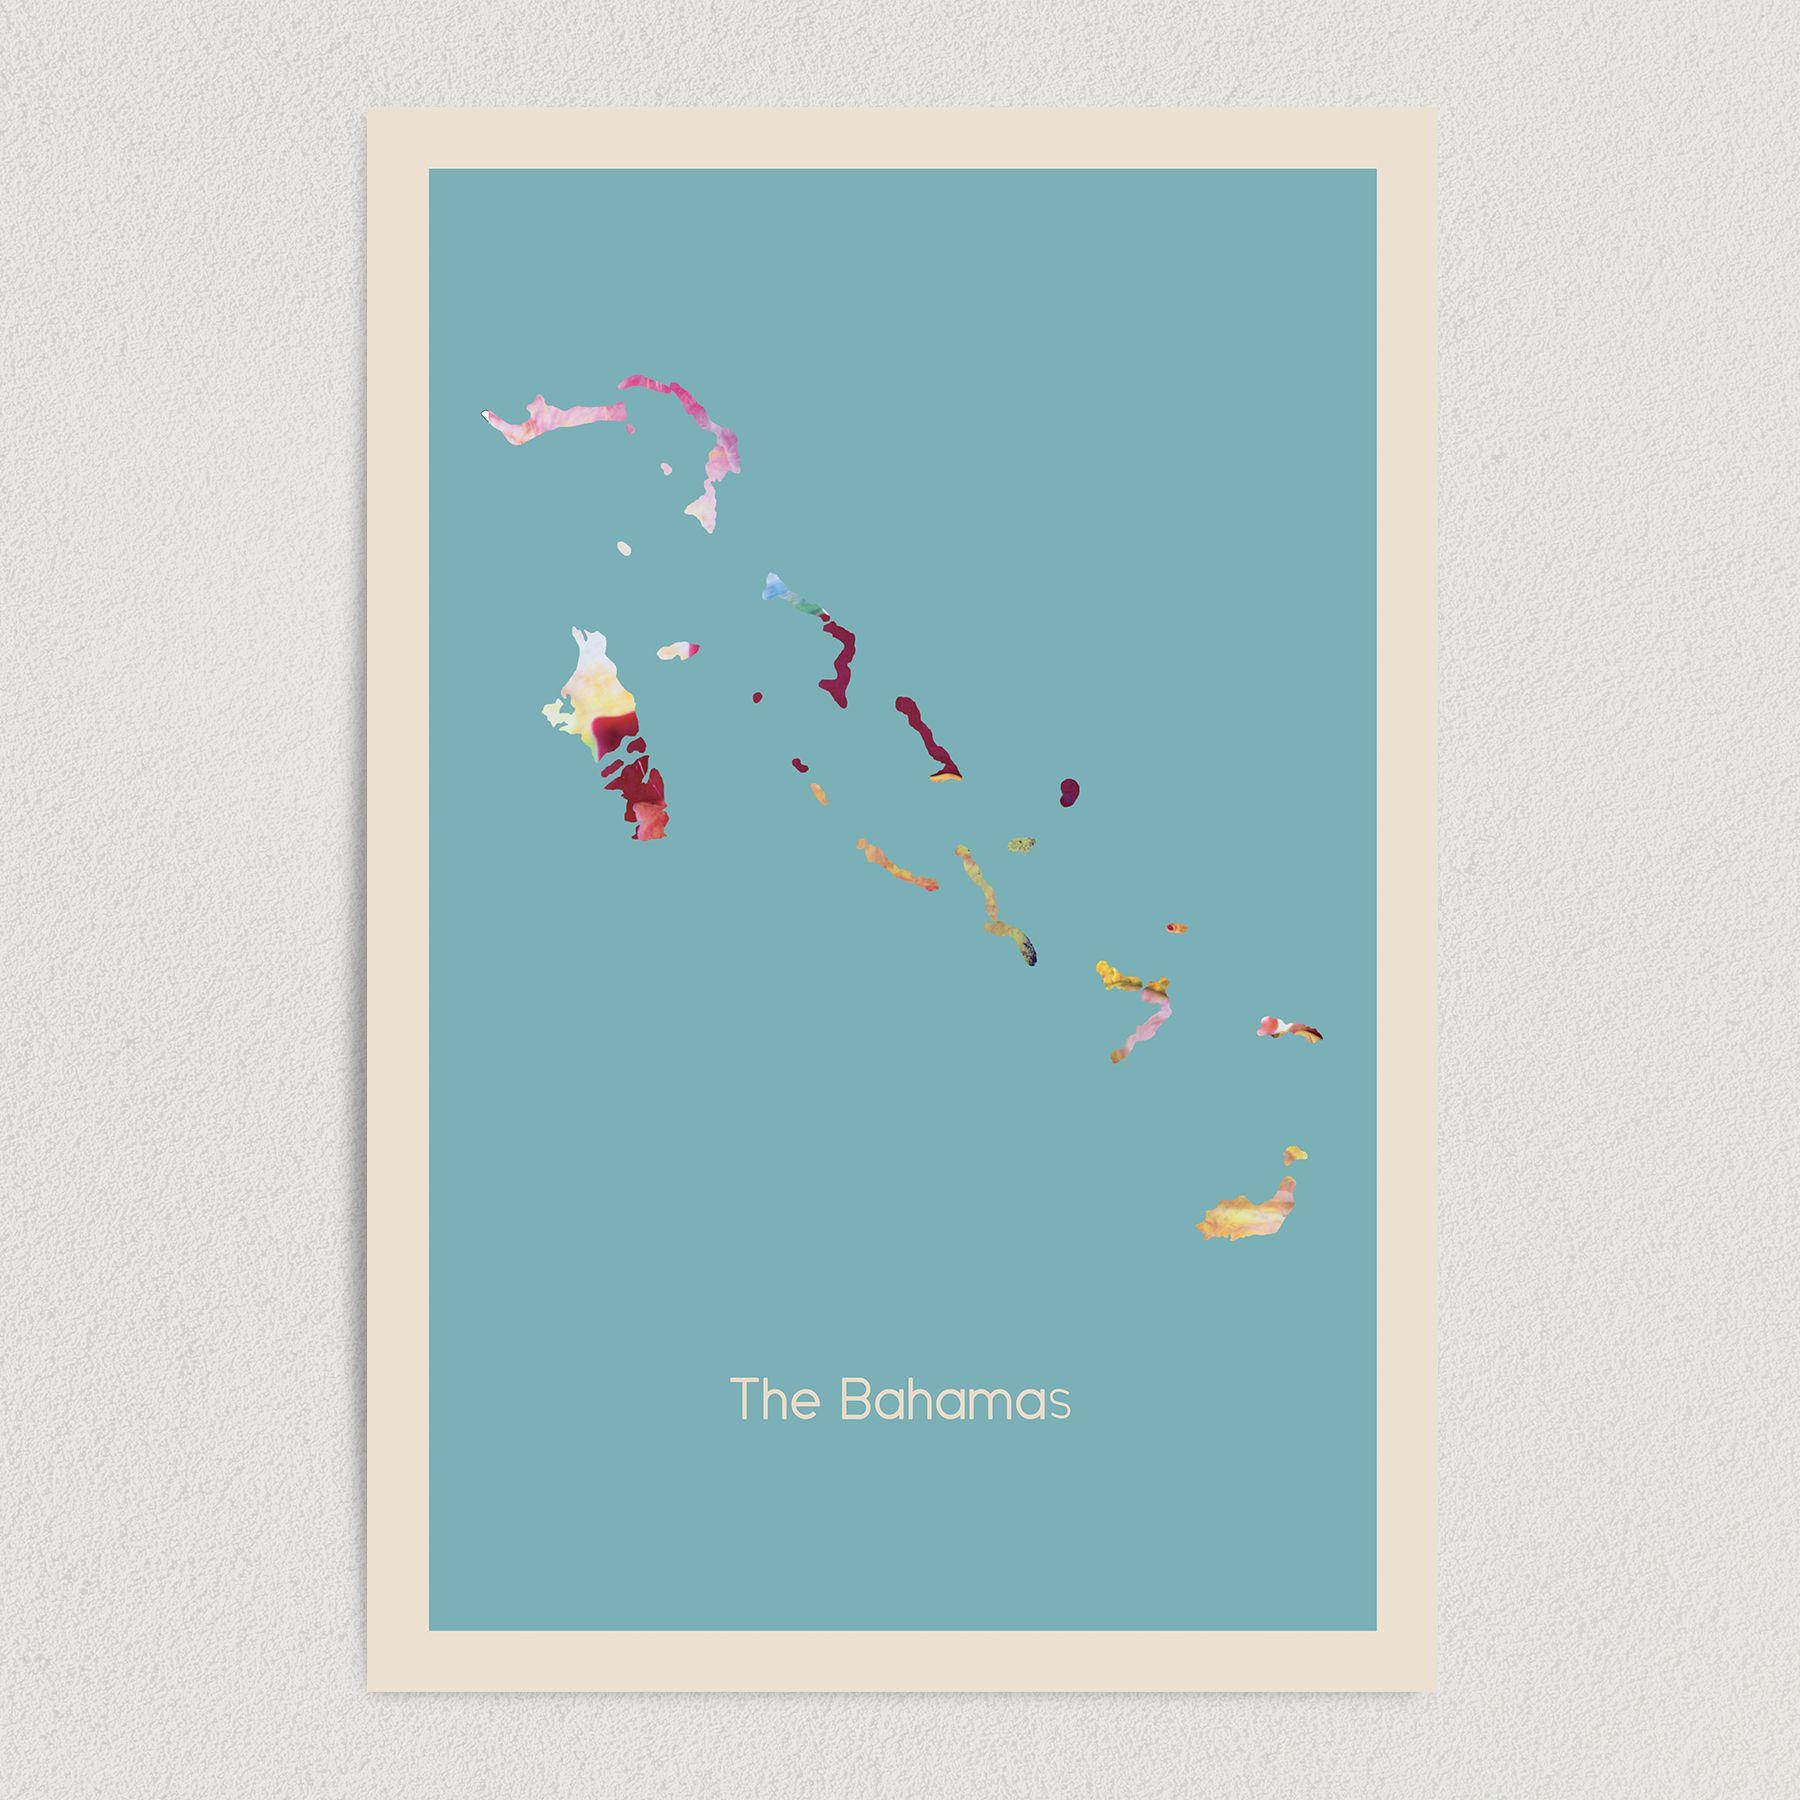 The Bahamas Fundraiser Art Print Poster 12″x 18″ Wall Art DT1009